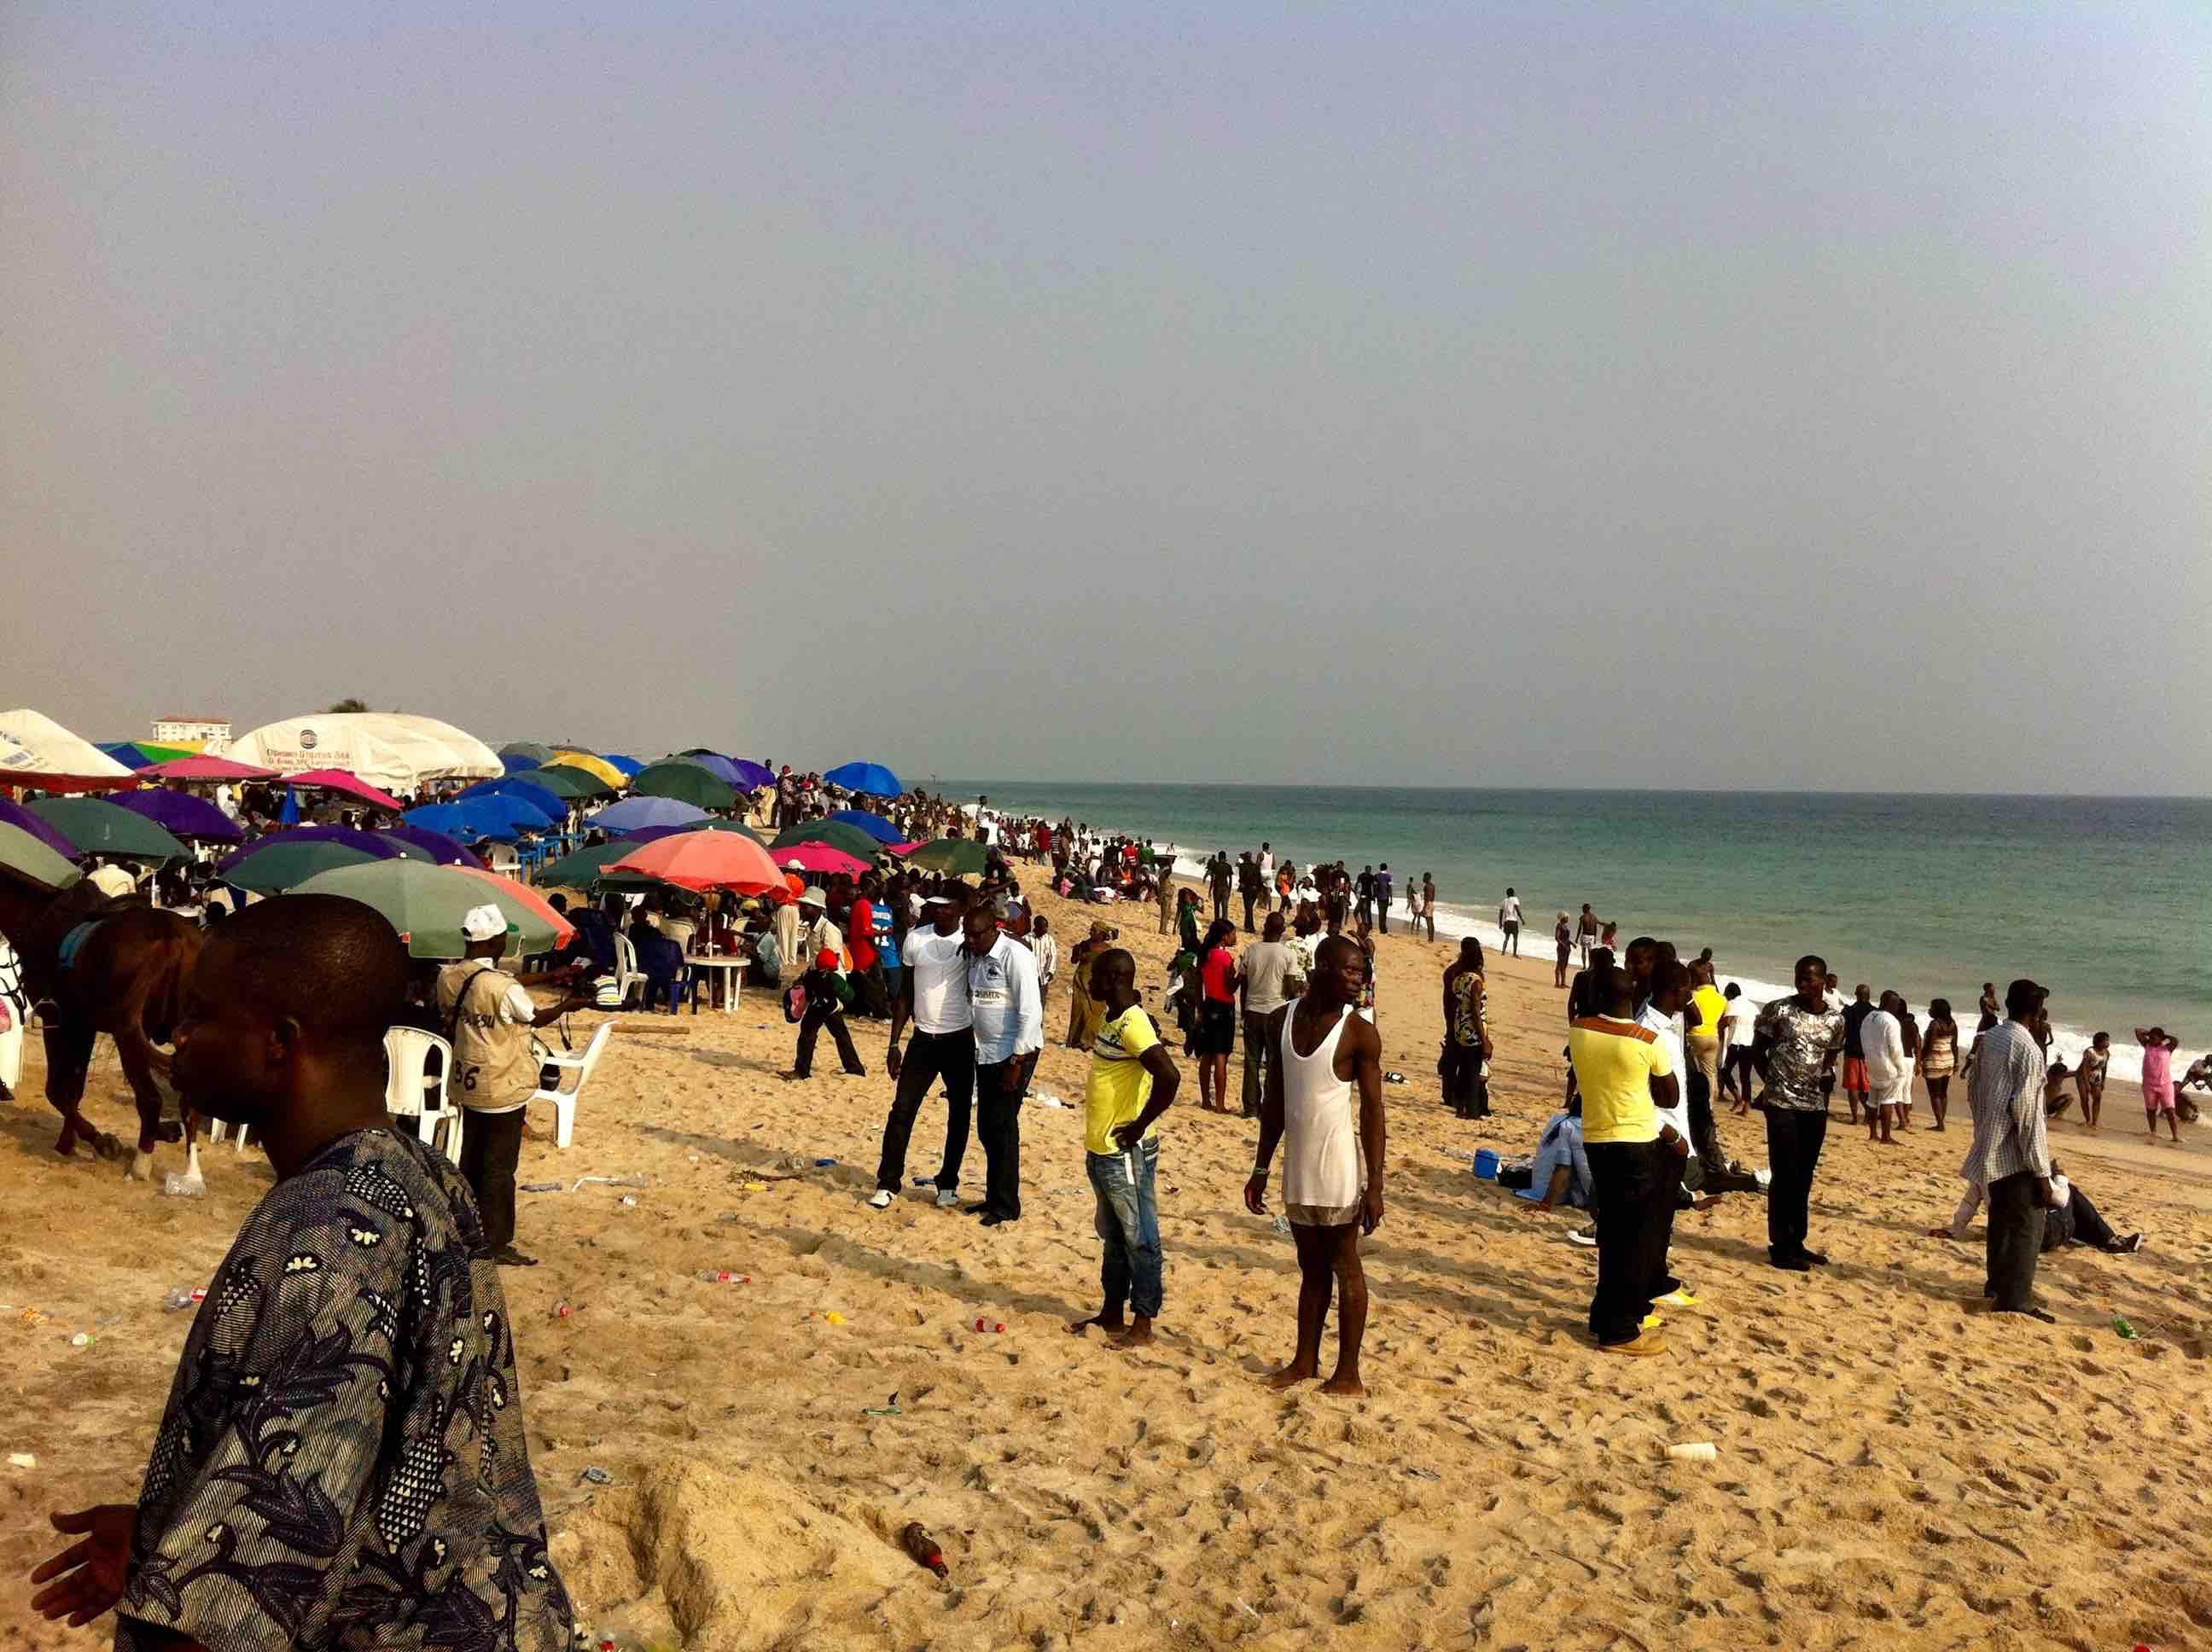 Kuramo Beach, Victoria Island, Lagos, Nigeria. #JujuFilms